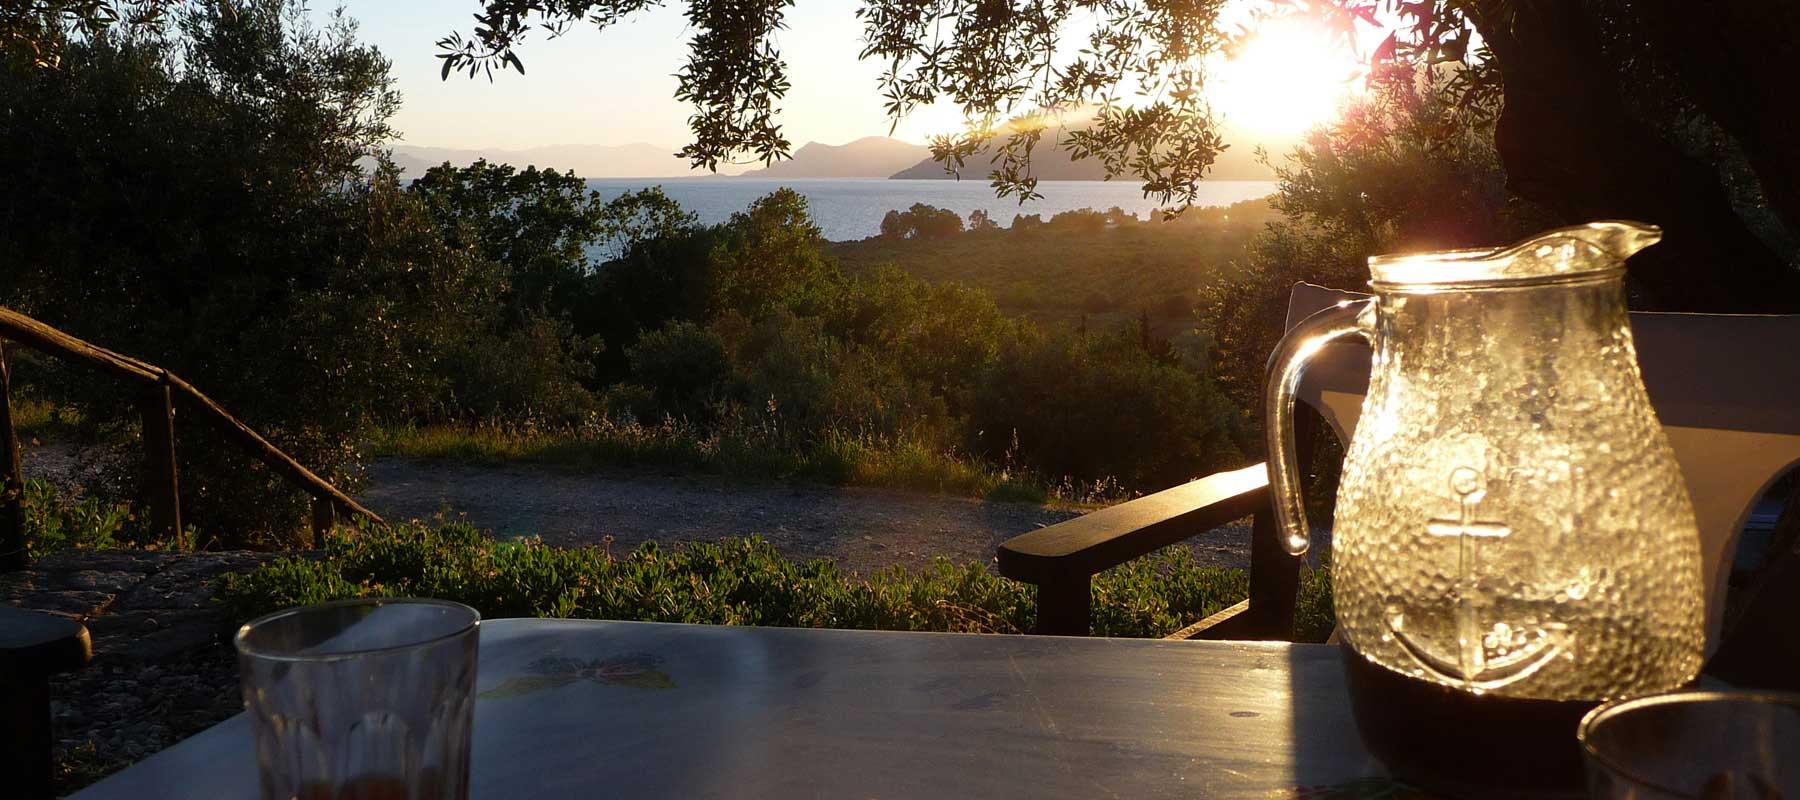 Genießen Sie den malerischen Sonnenuntergang, entspannen Sie unter dem klaren Sternenhimmel bei einem guten Buch